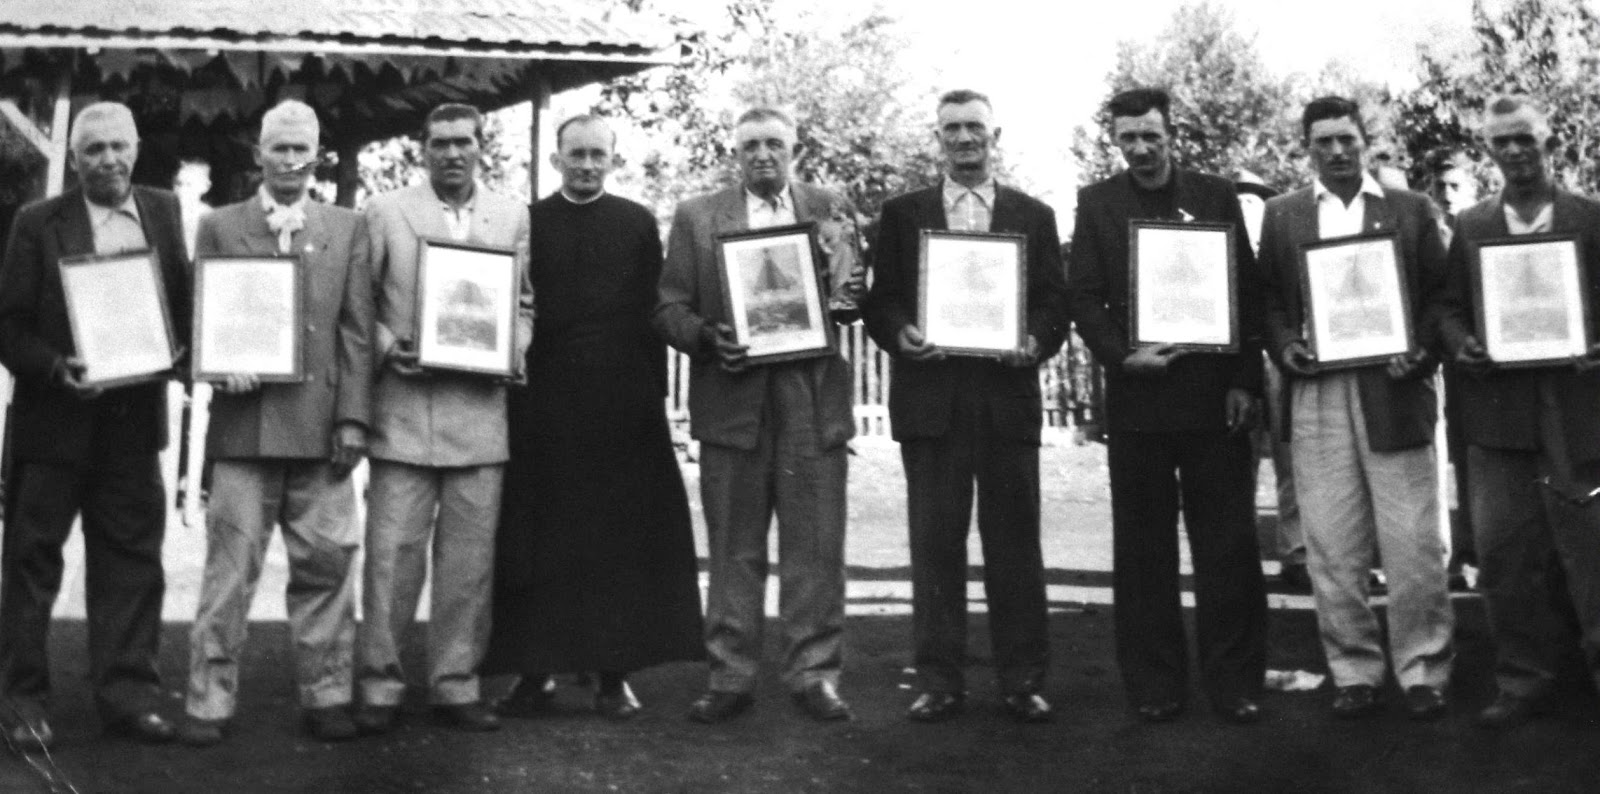 Benfeitores da Capela Nossa Senhora Aparecida